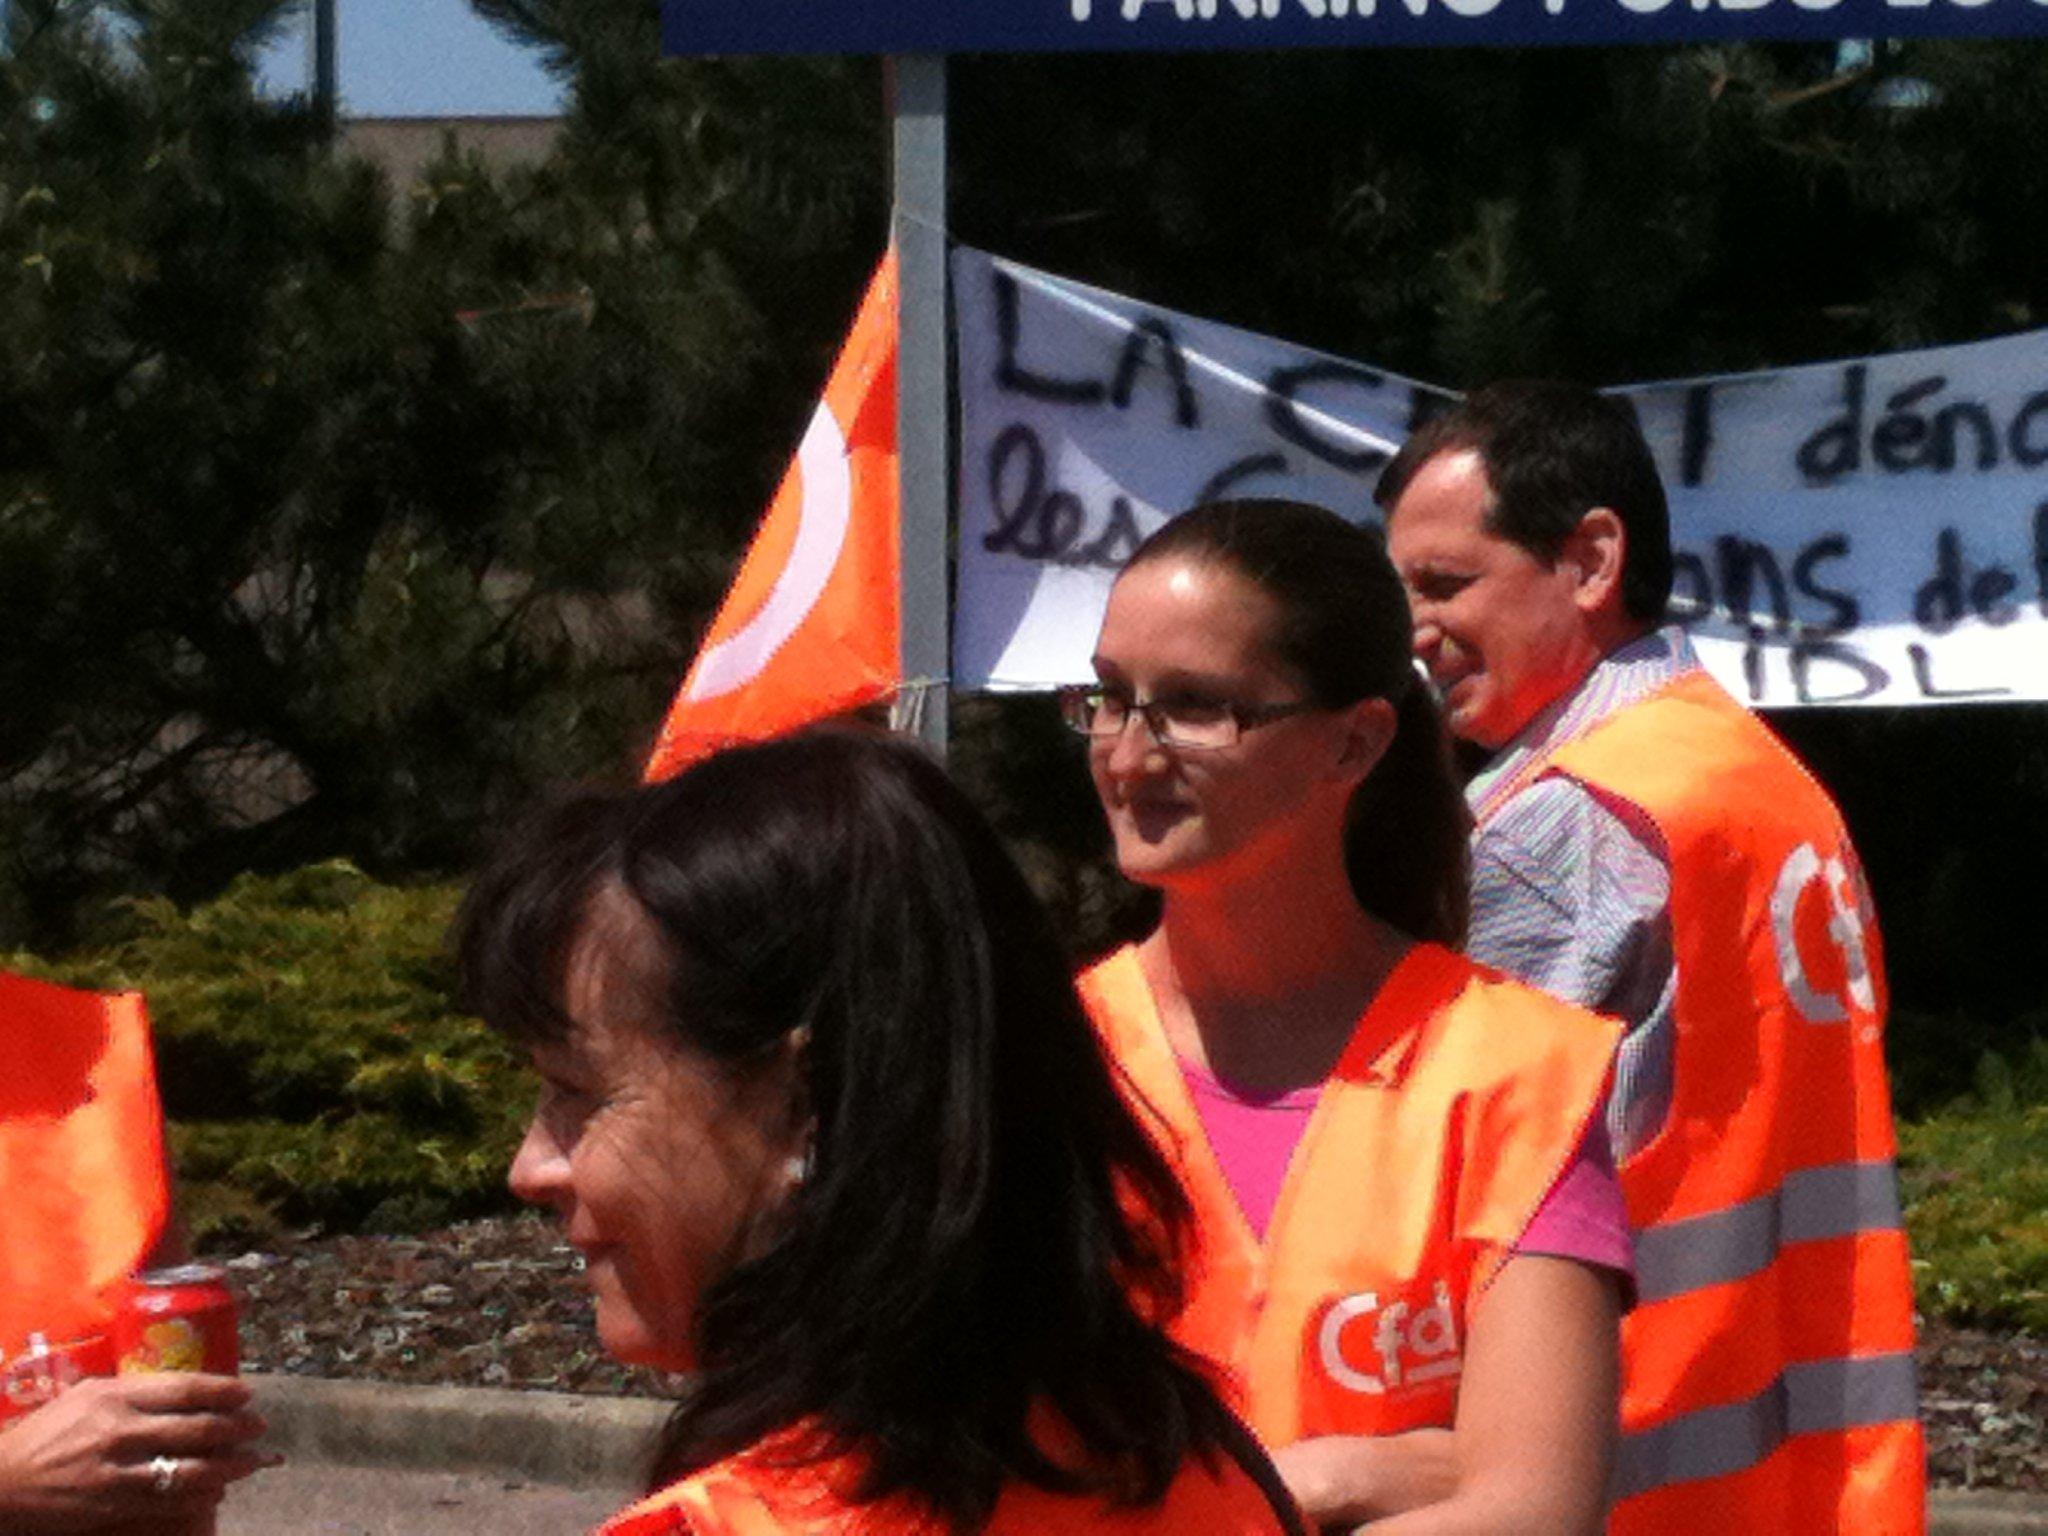 Greve du 2 juin 2011 la CFDT mobilise chez LIDL pour denoncer les conditions de travail 718